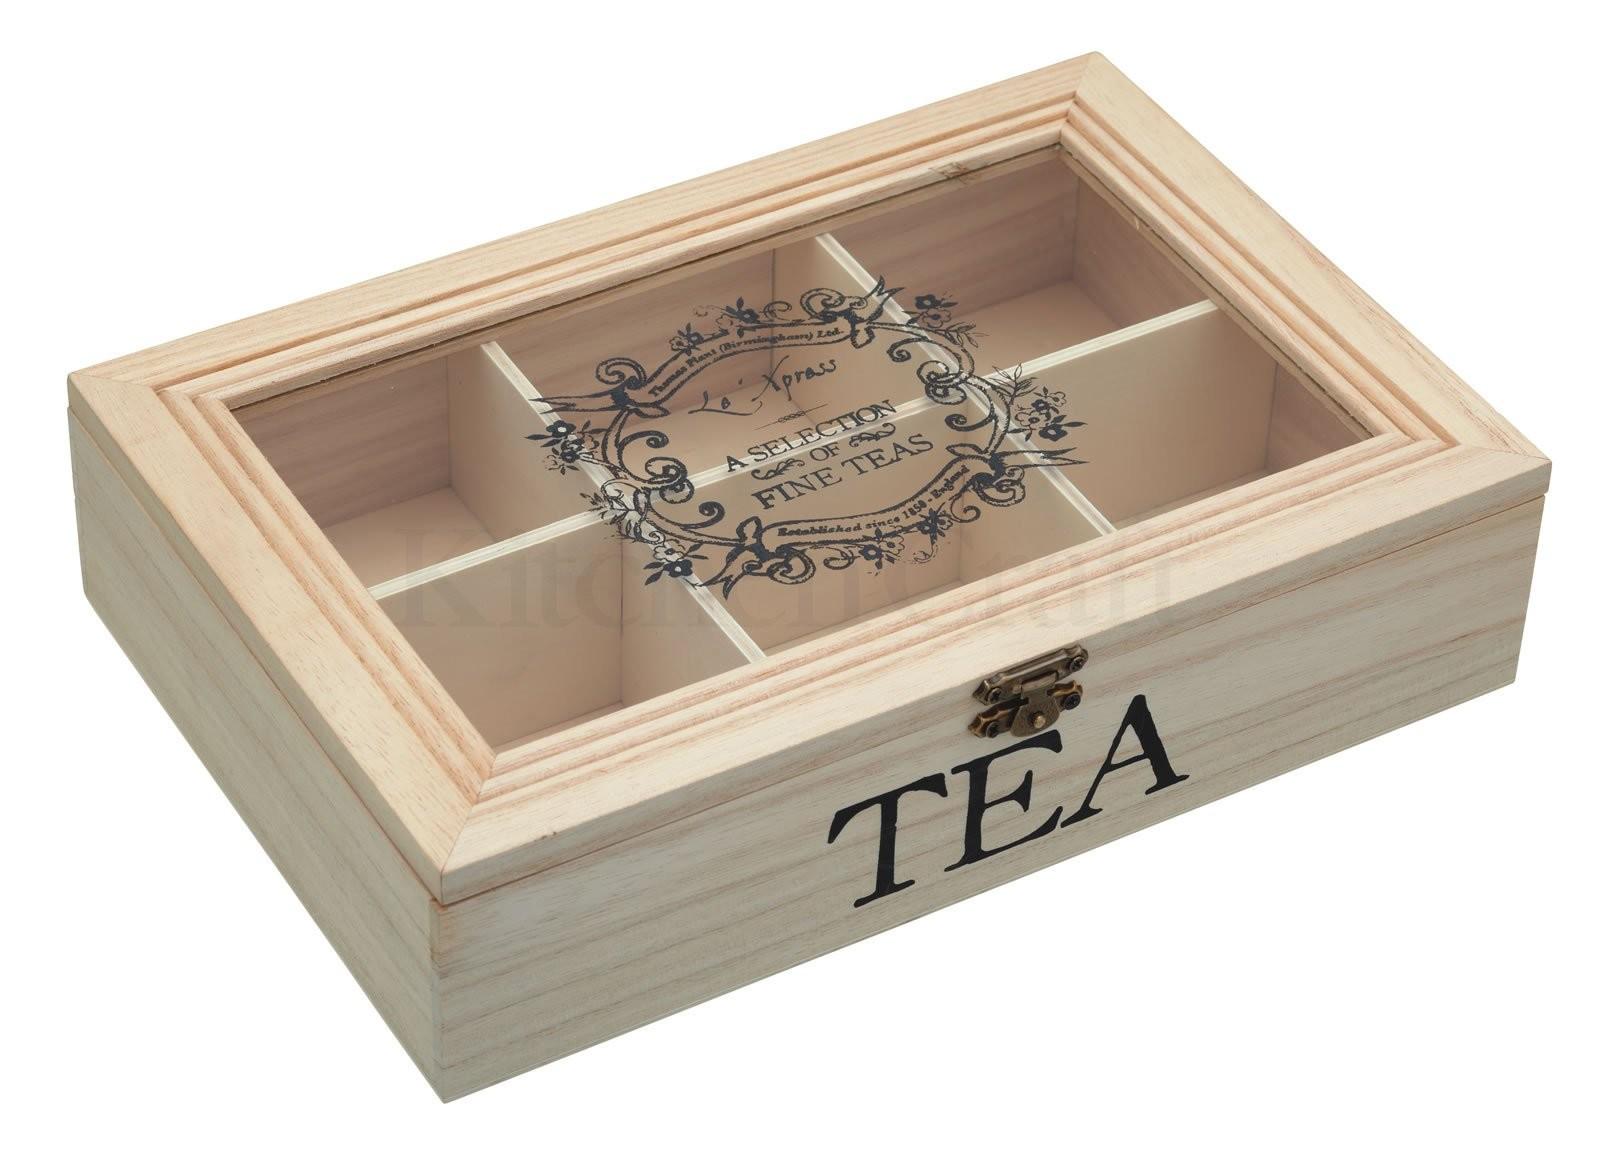 κουτί αποθύκευσης ξύλινο kitchencraft home   ειδη cafe τσαϊ   δοχεία καφε   ζάχαρης